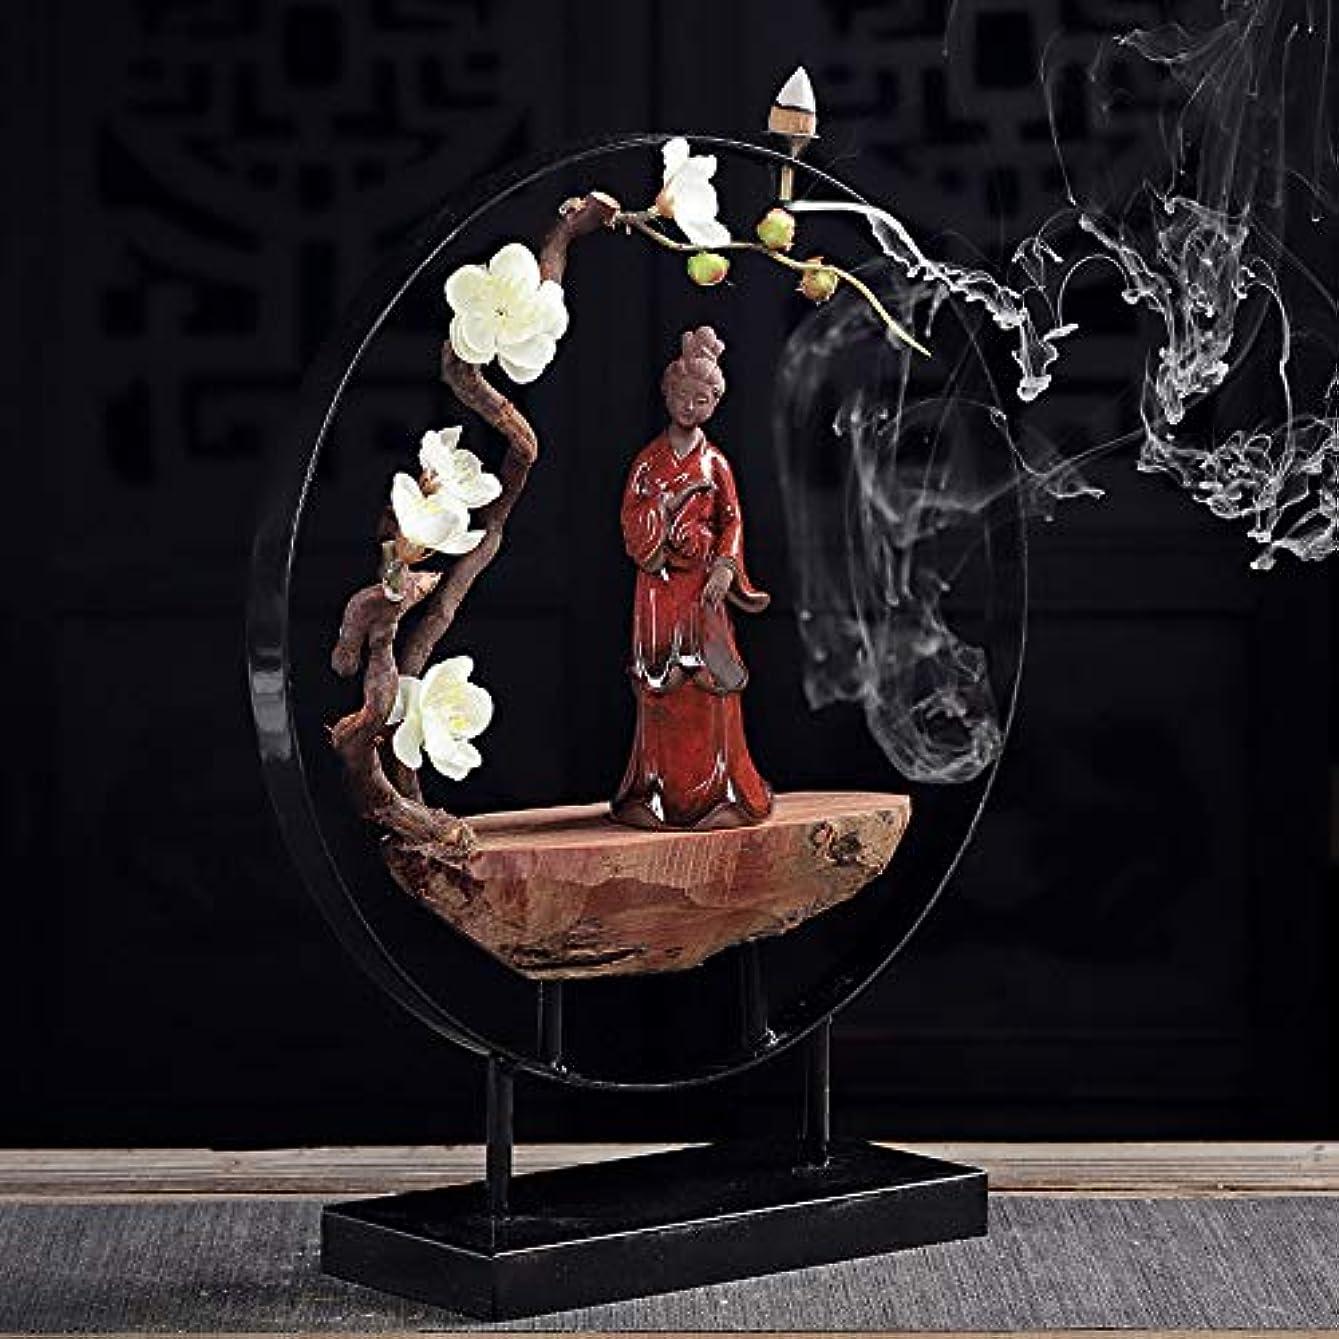 急性にバストデュアルユーススティック香炉とコニカル香炉セラミック香炉像逆流香バーナーフレグランススティックフレーム30 * 35センチ